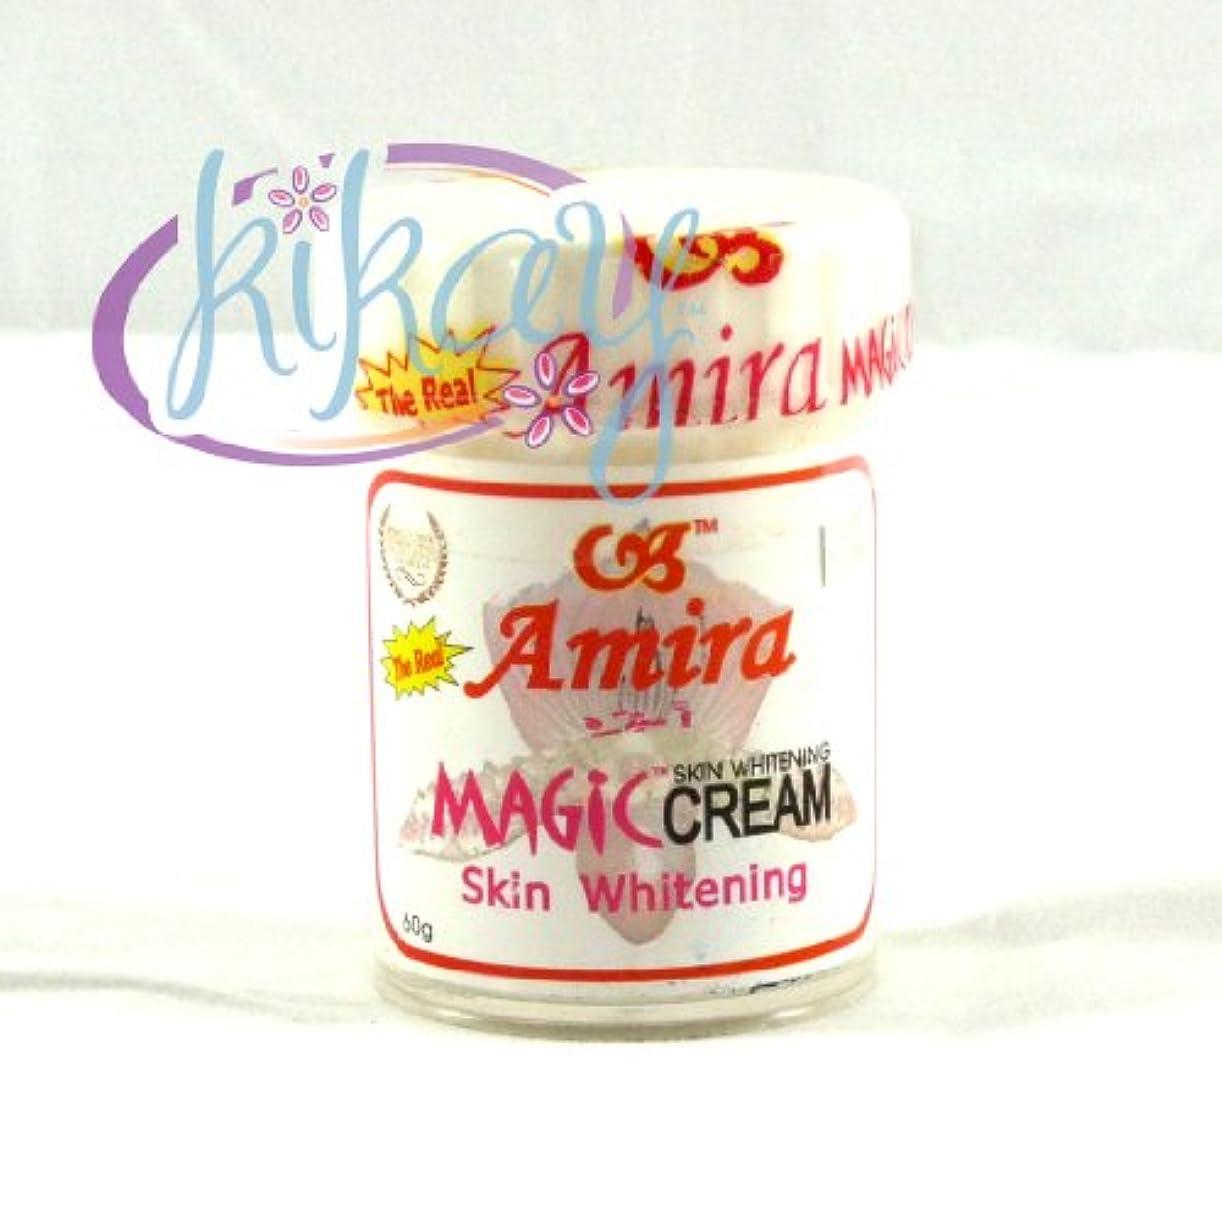 エスニックコメントシリーズAMIRA THE REAL MAGIC CREAM【SKIN WHITENING CREAM 60g】PHILIPPINES〈スキン ホワイトニング クリーム〉フィリピン